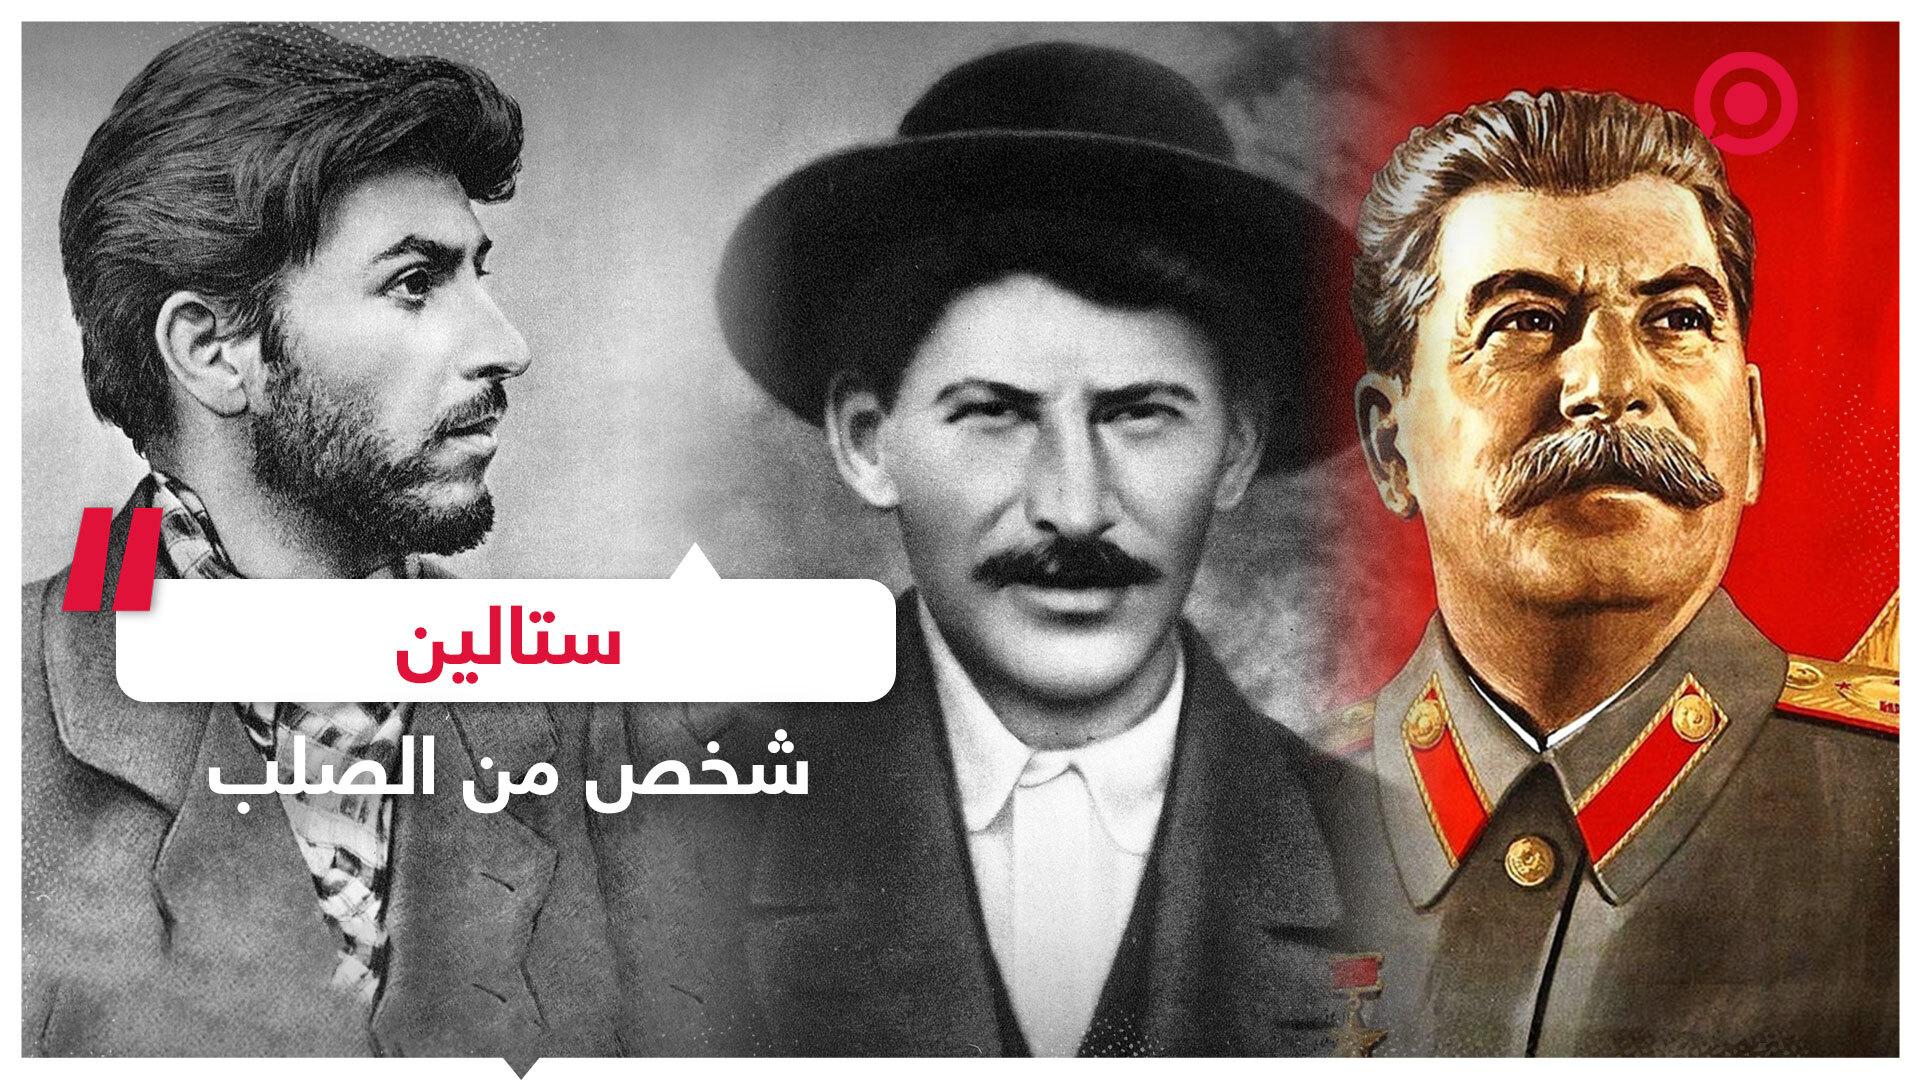 كيف اختار ستالين الاسم المستعار له وماذا يعني؟